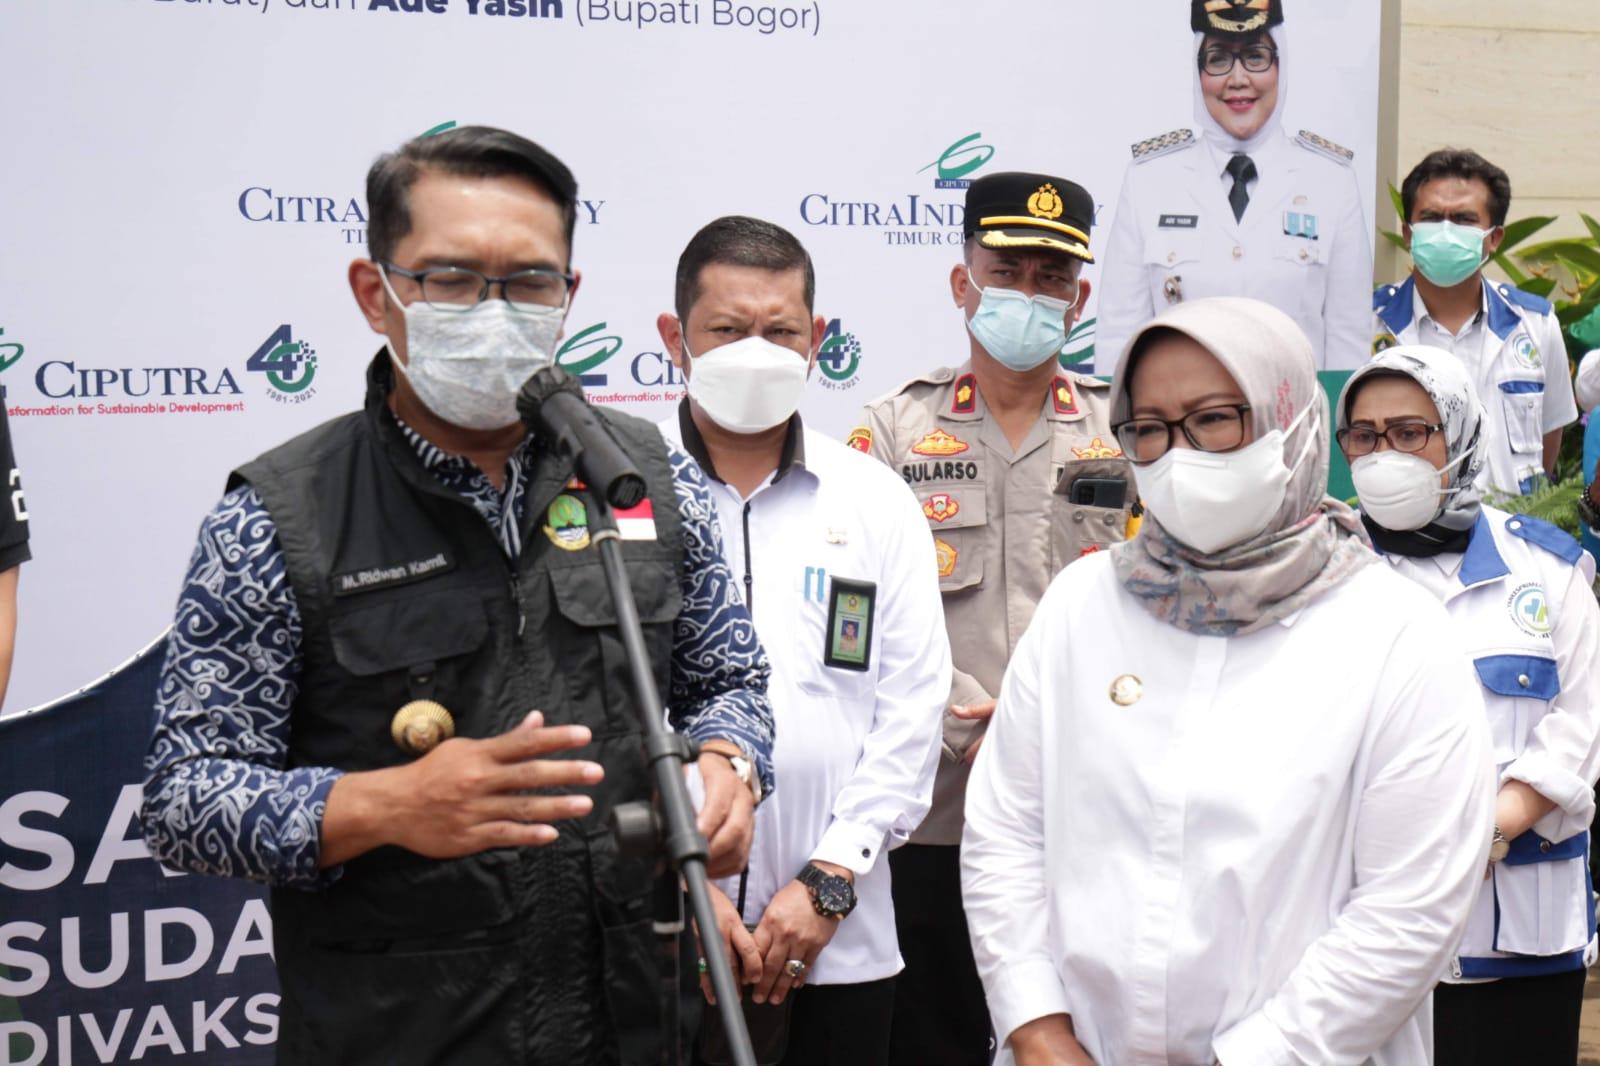 Bupati Bogor : Cakupan Vaksinasi Covid-19 Wilayah Jonggol Melesat di angka 40%